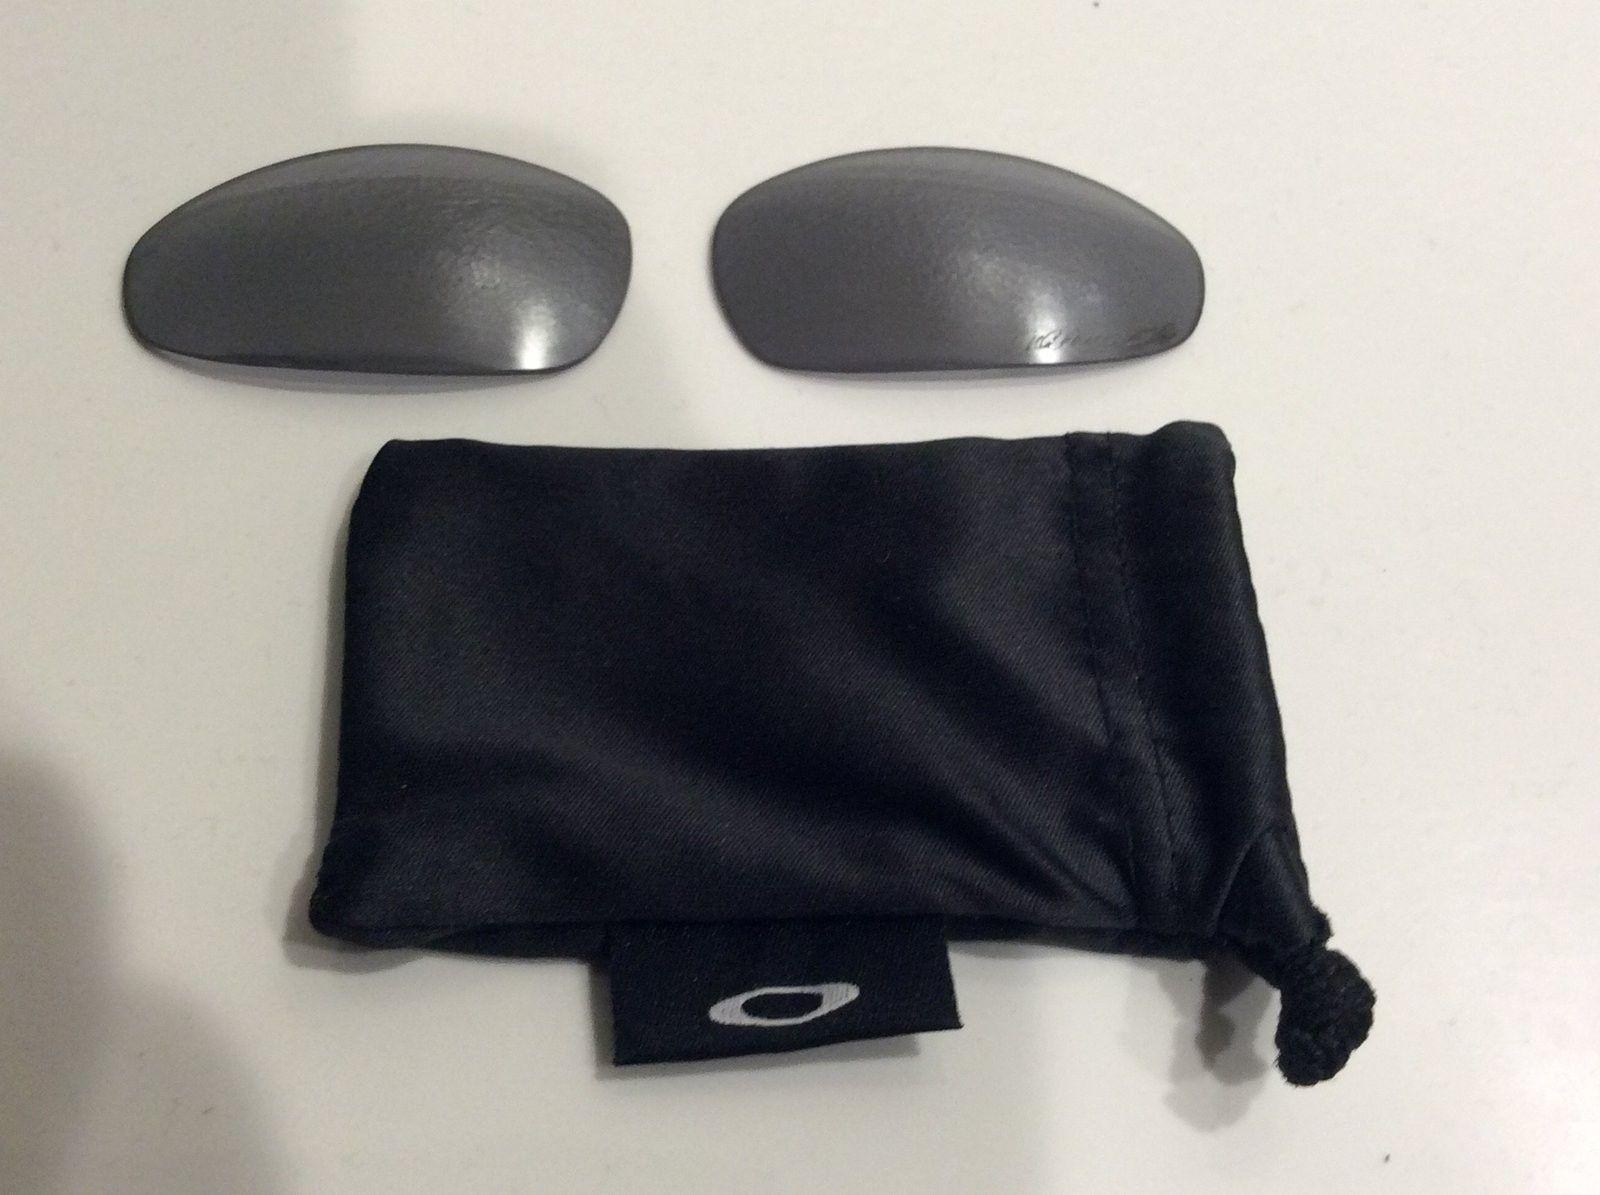 Ichiro Slate Iridium lenses $125 shipped - image.jpg